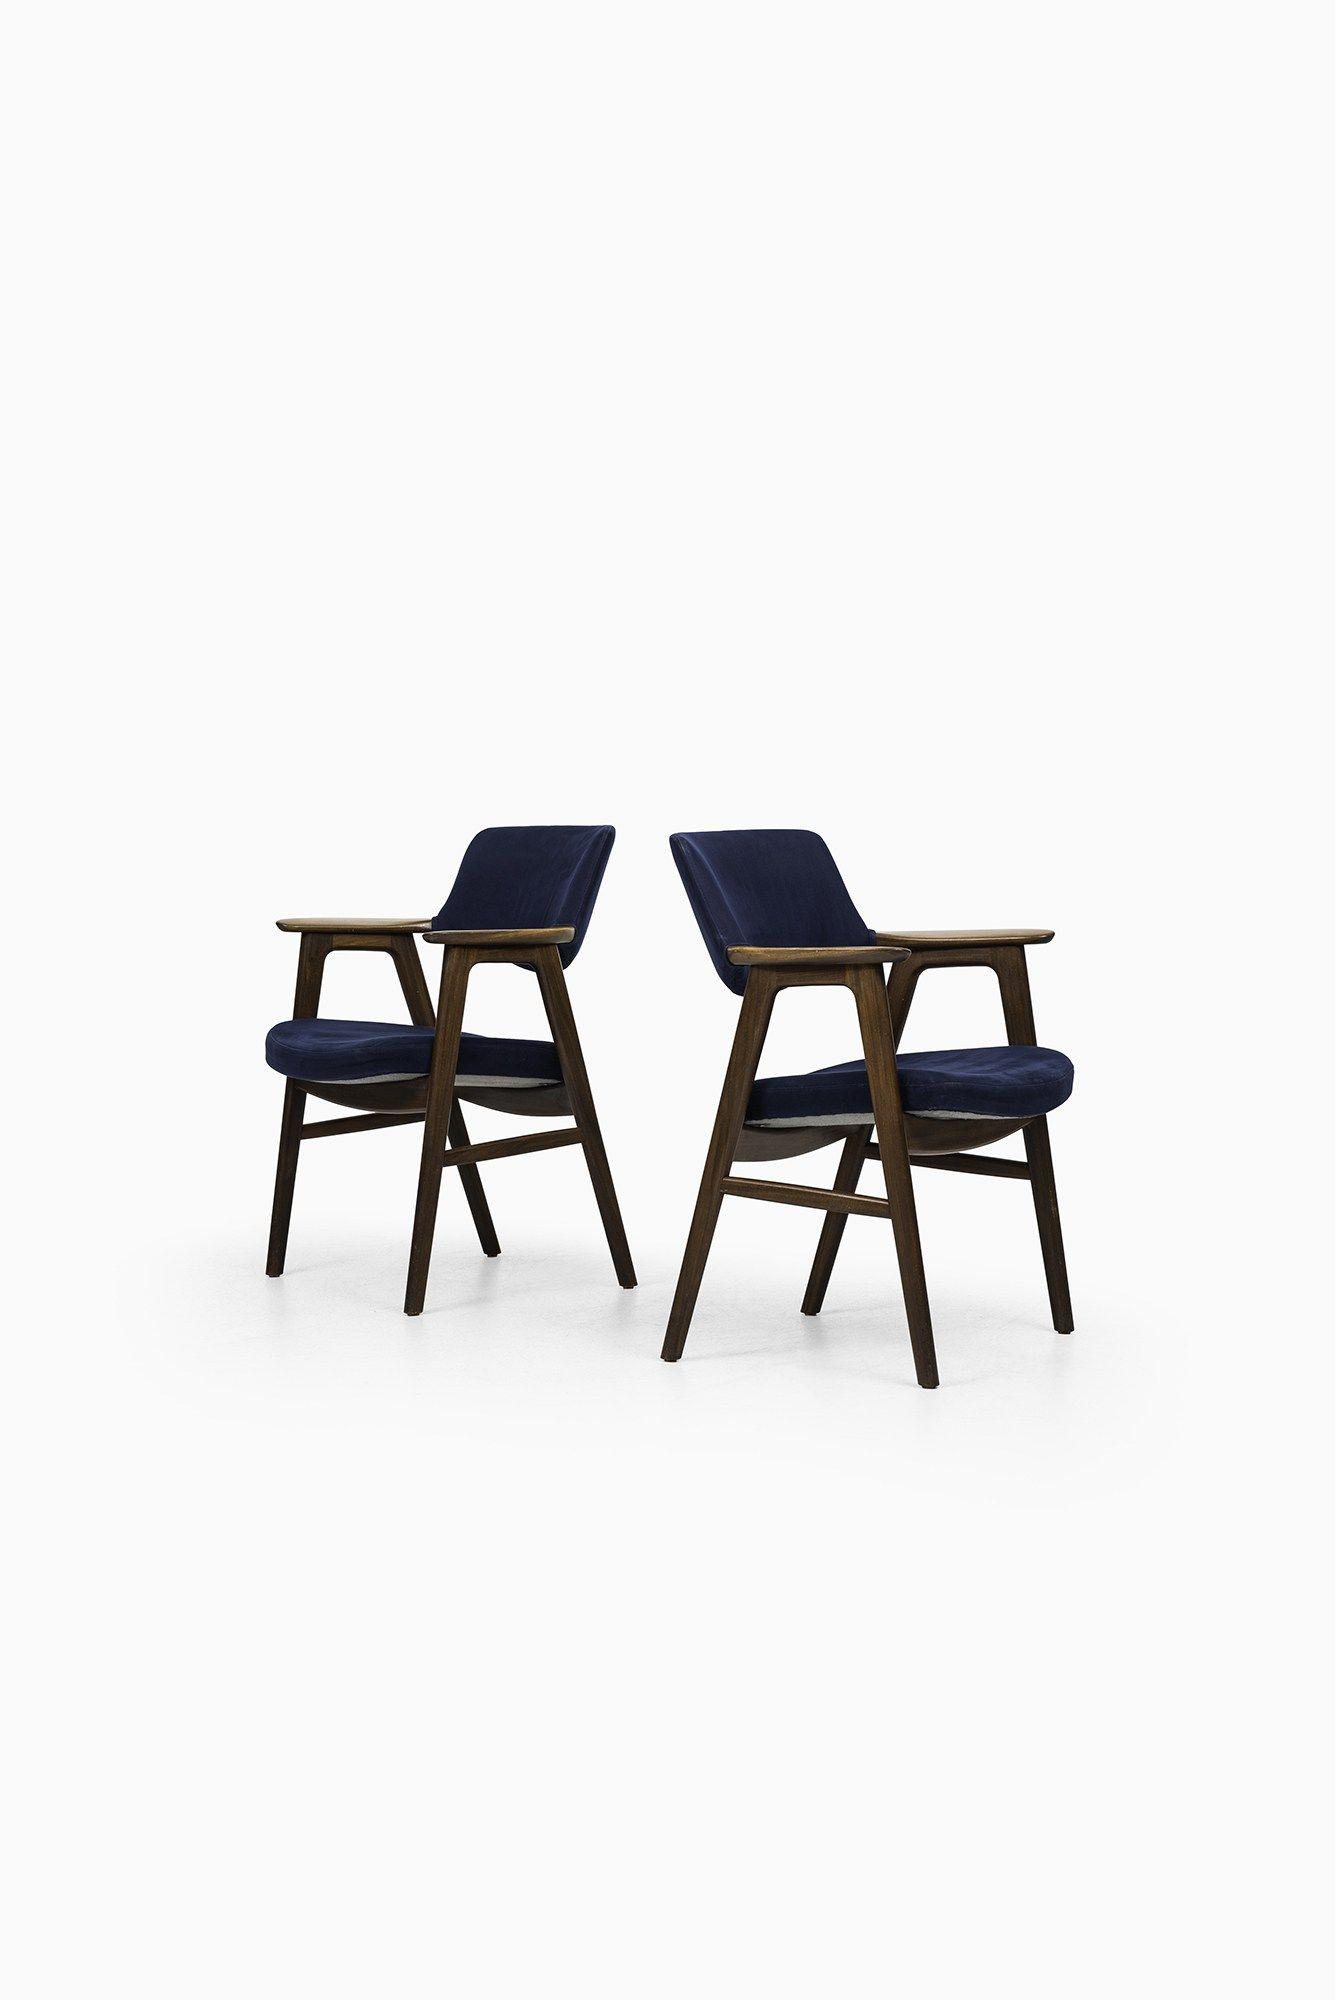 Erik Kirkegaard armchairs in mahogany at Studio Schalling